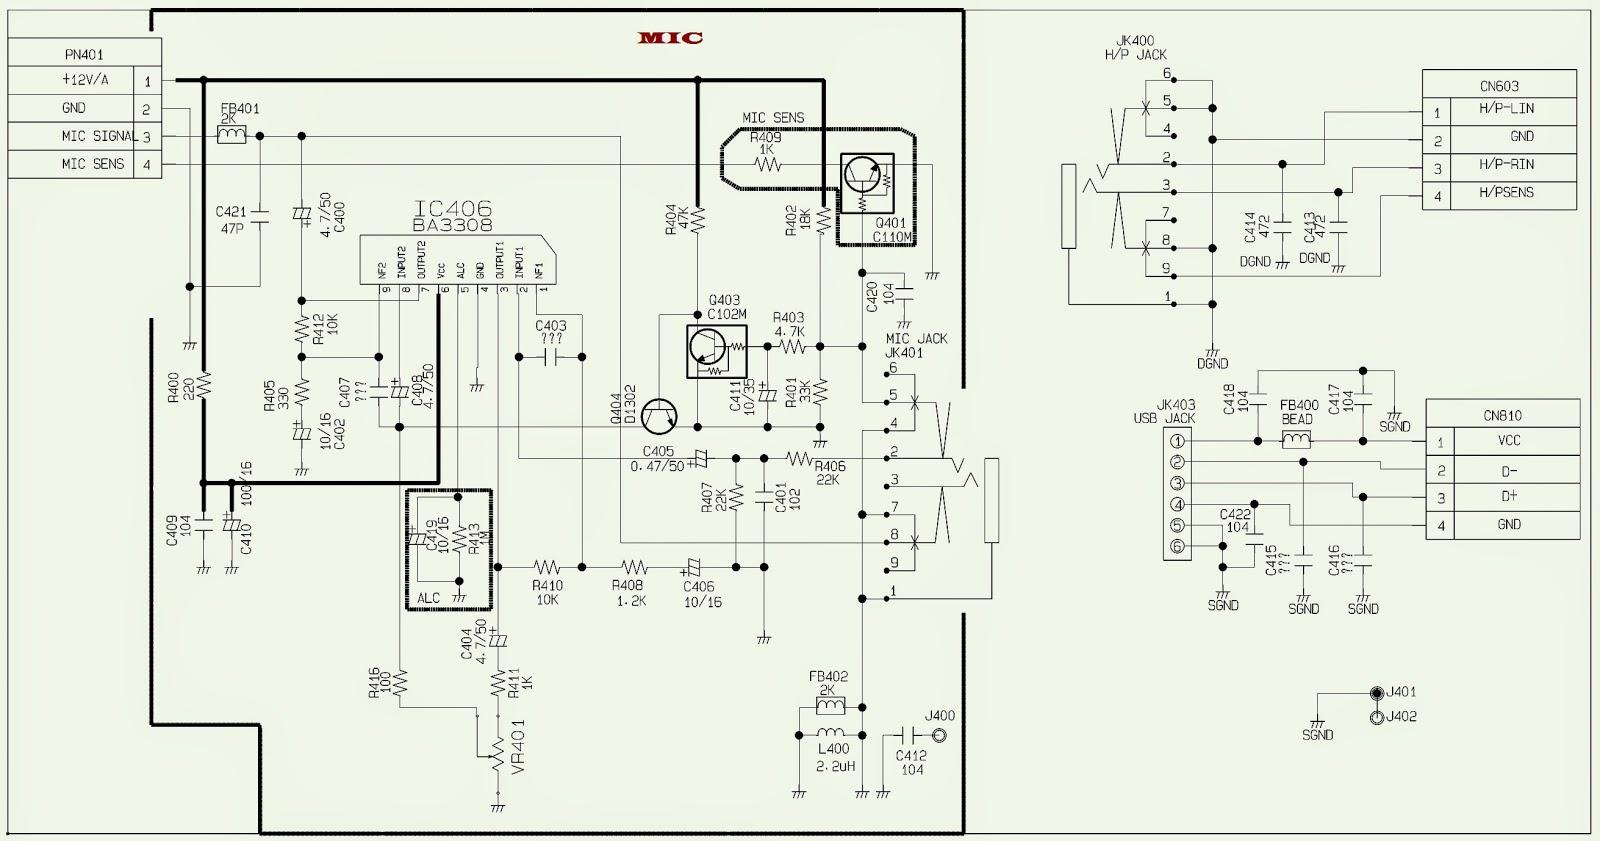 3-cd changer dvd  u2013 schematics - lg